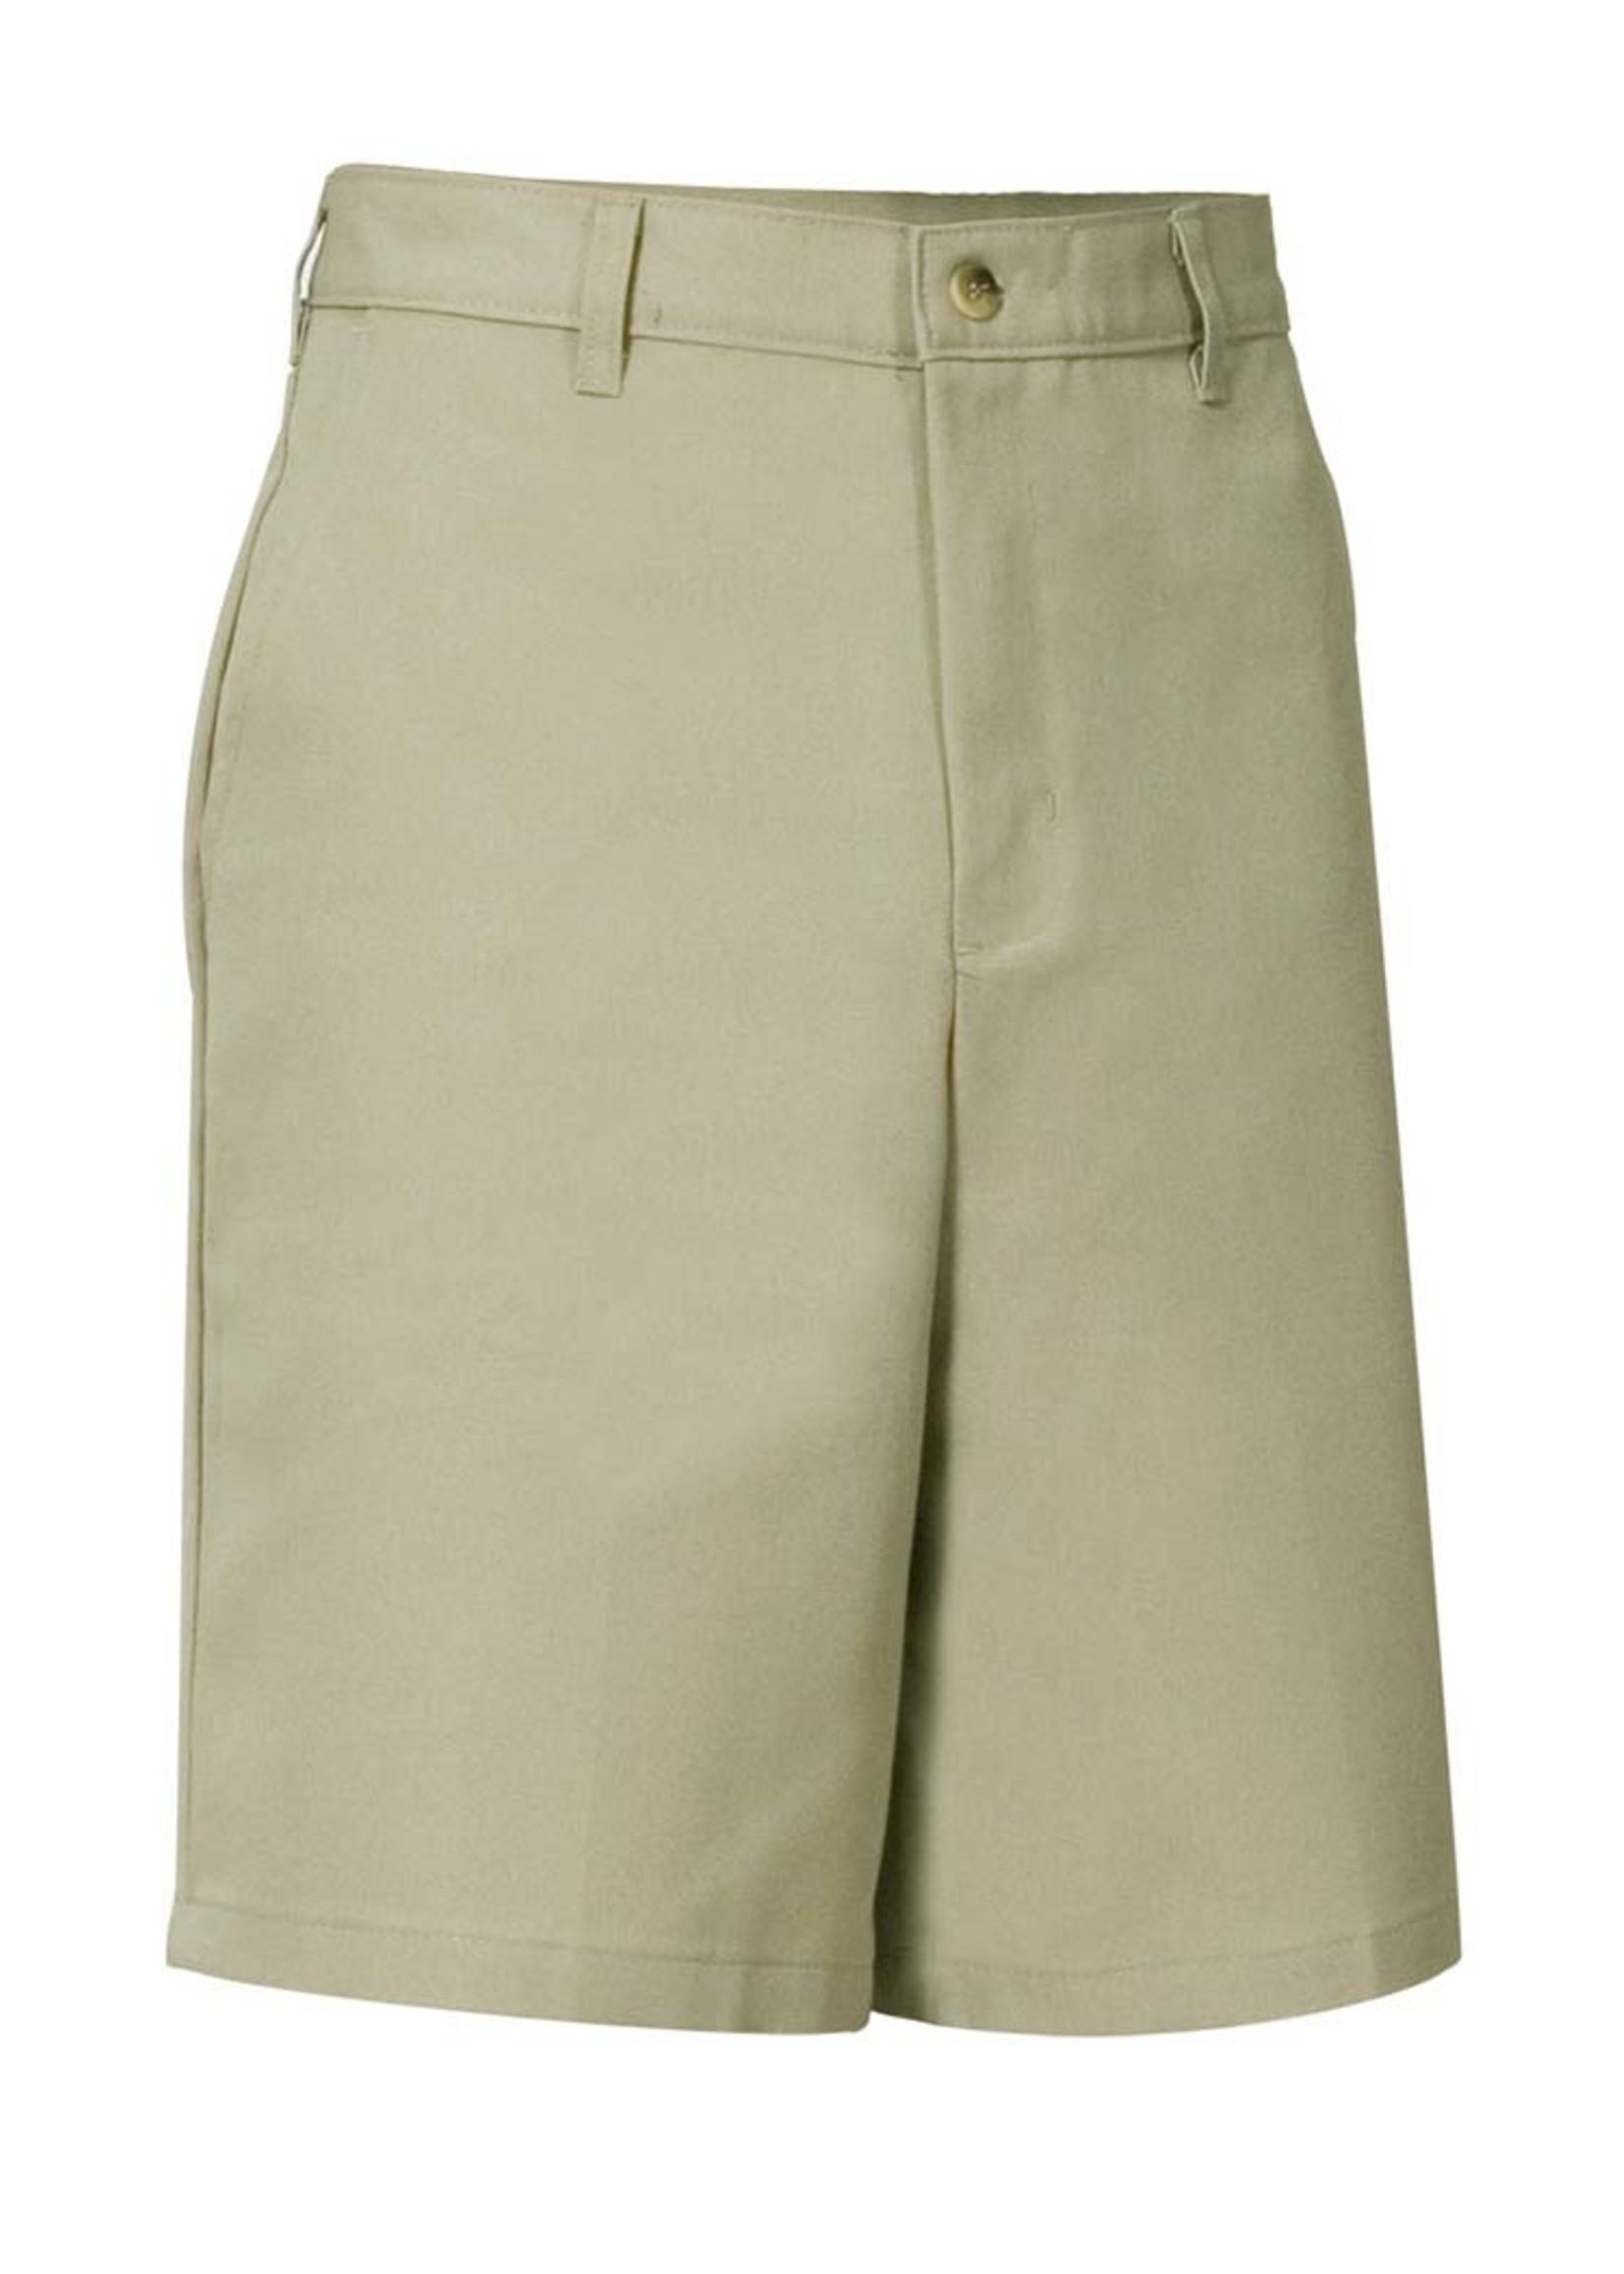 A+ CUSSD Boys Khaki Flat Front Shorts